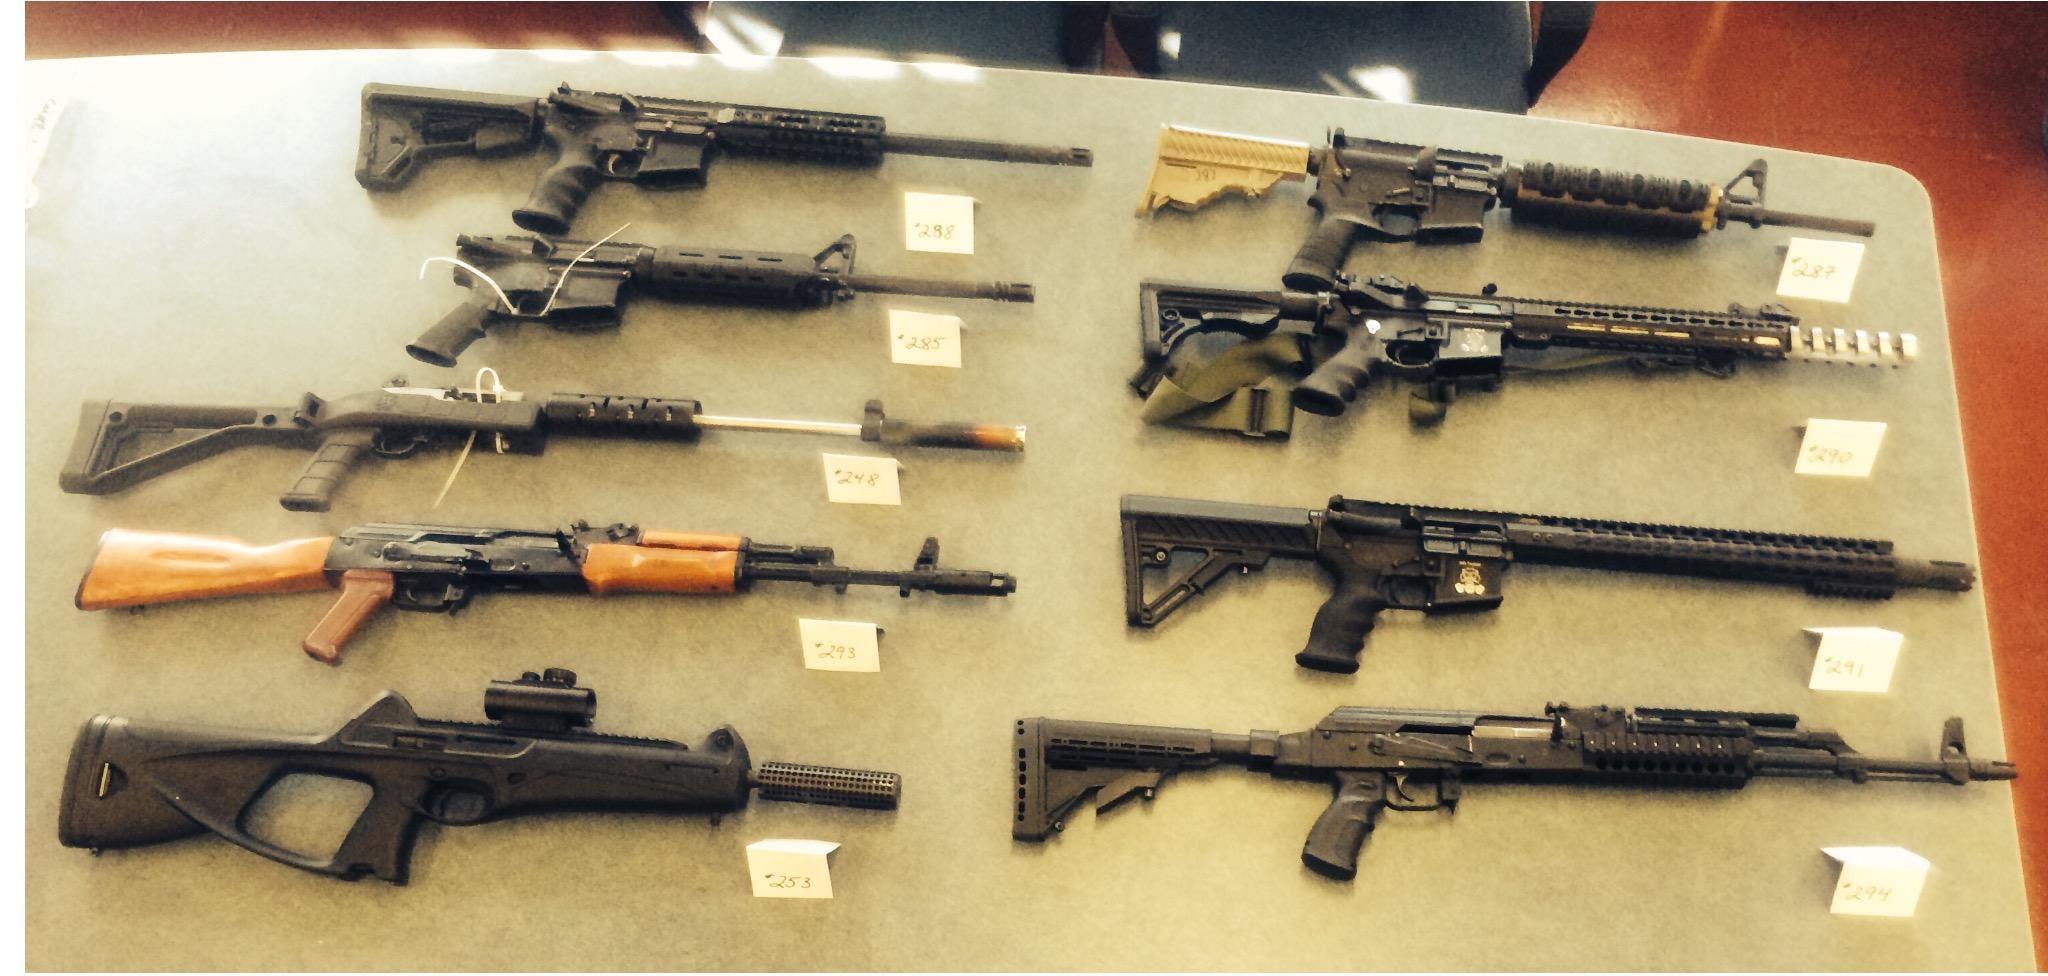 Firearms6_298425